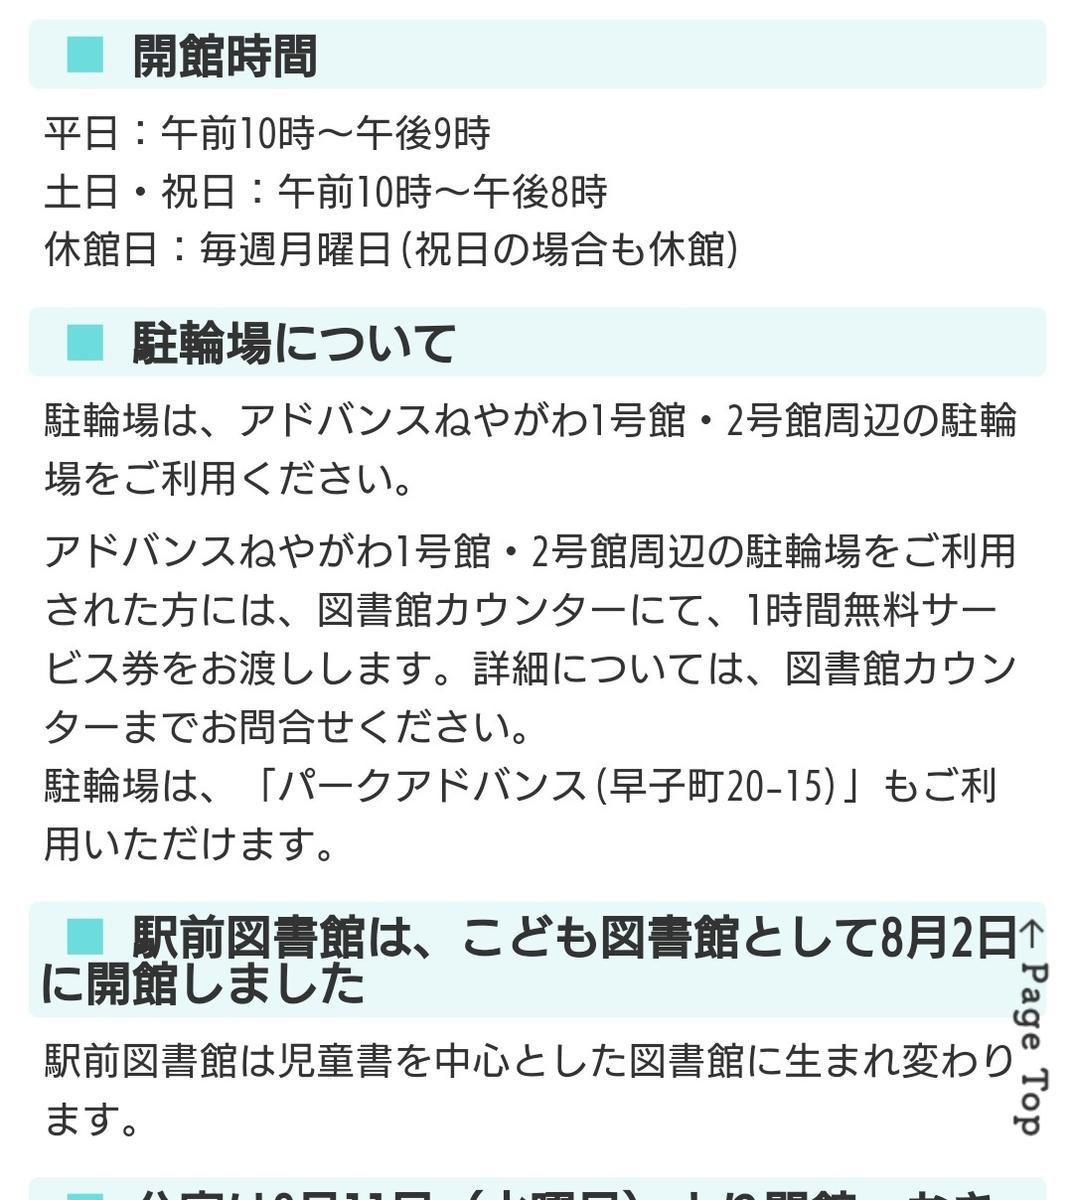 f:id:takumiinui:20210805191056j:plain